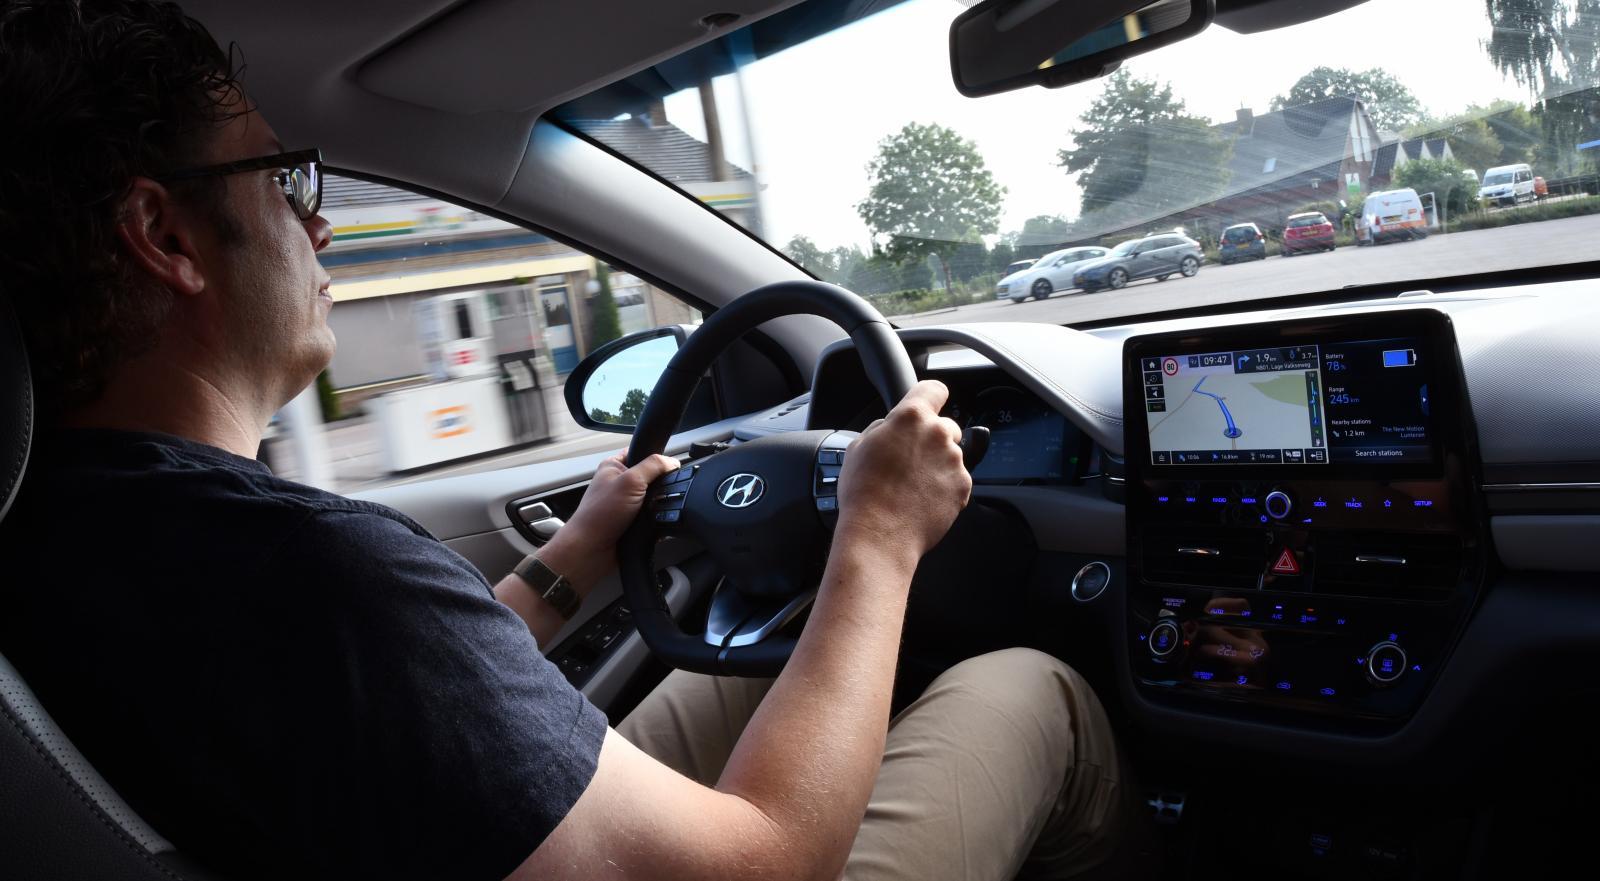 Hyundai Ioniq går att köra riktigt snålt oavsett om den har bensinmotor eller eldrift. Men Toyota Prius är ännu snålare enligt ägarna.